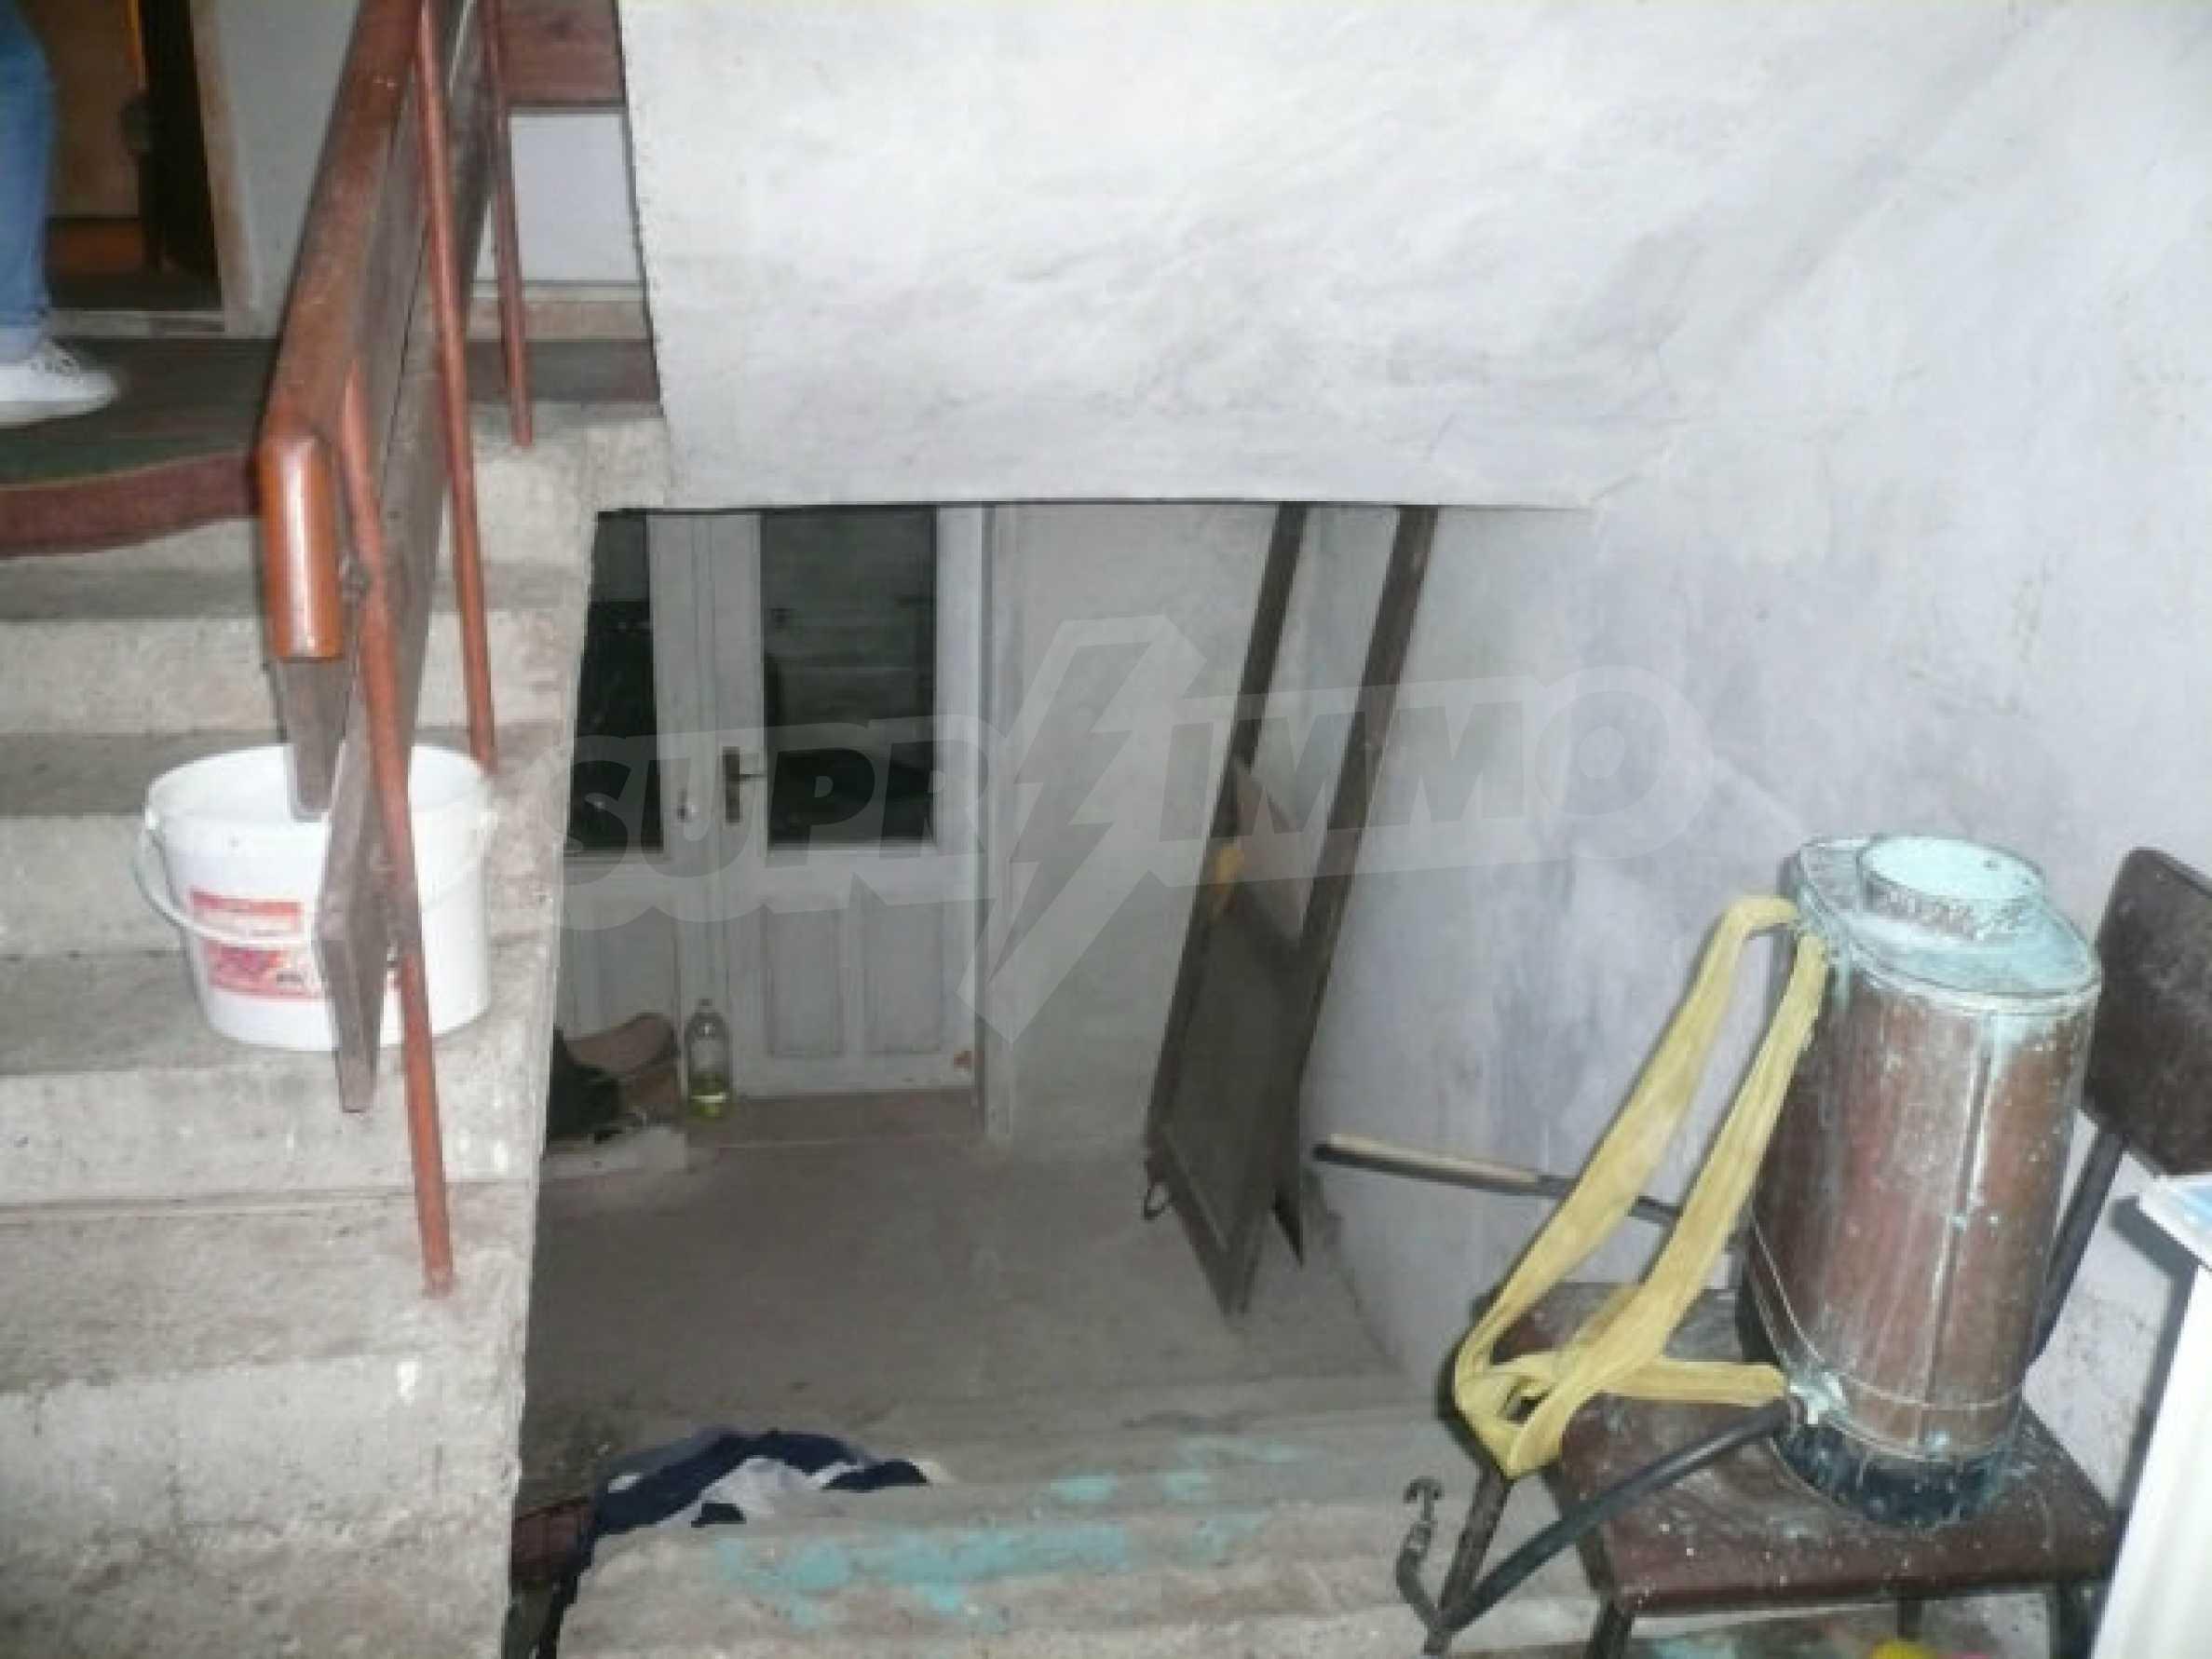 Haus zum Verkauf in der Nähe von Vidin, Bulgarien 8